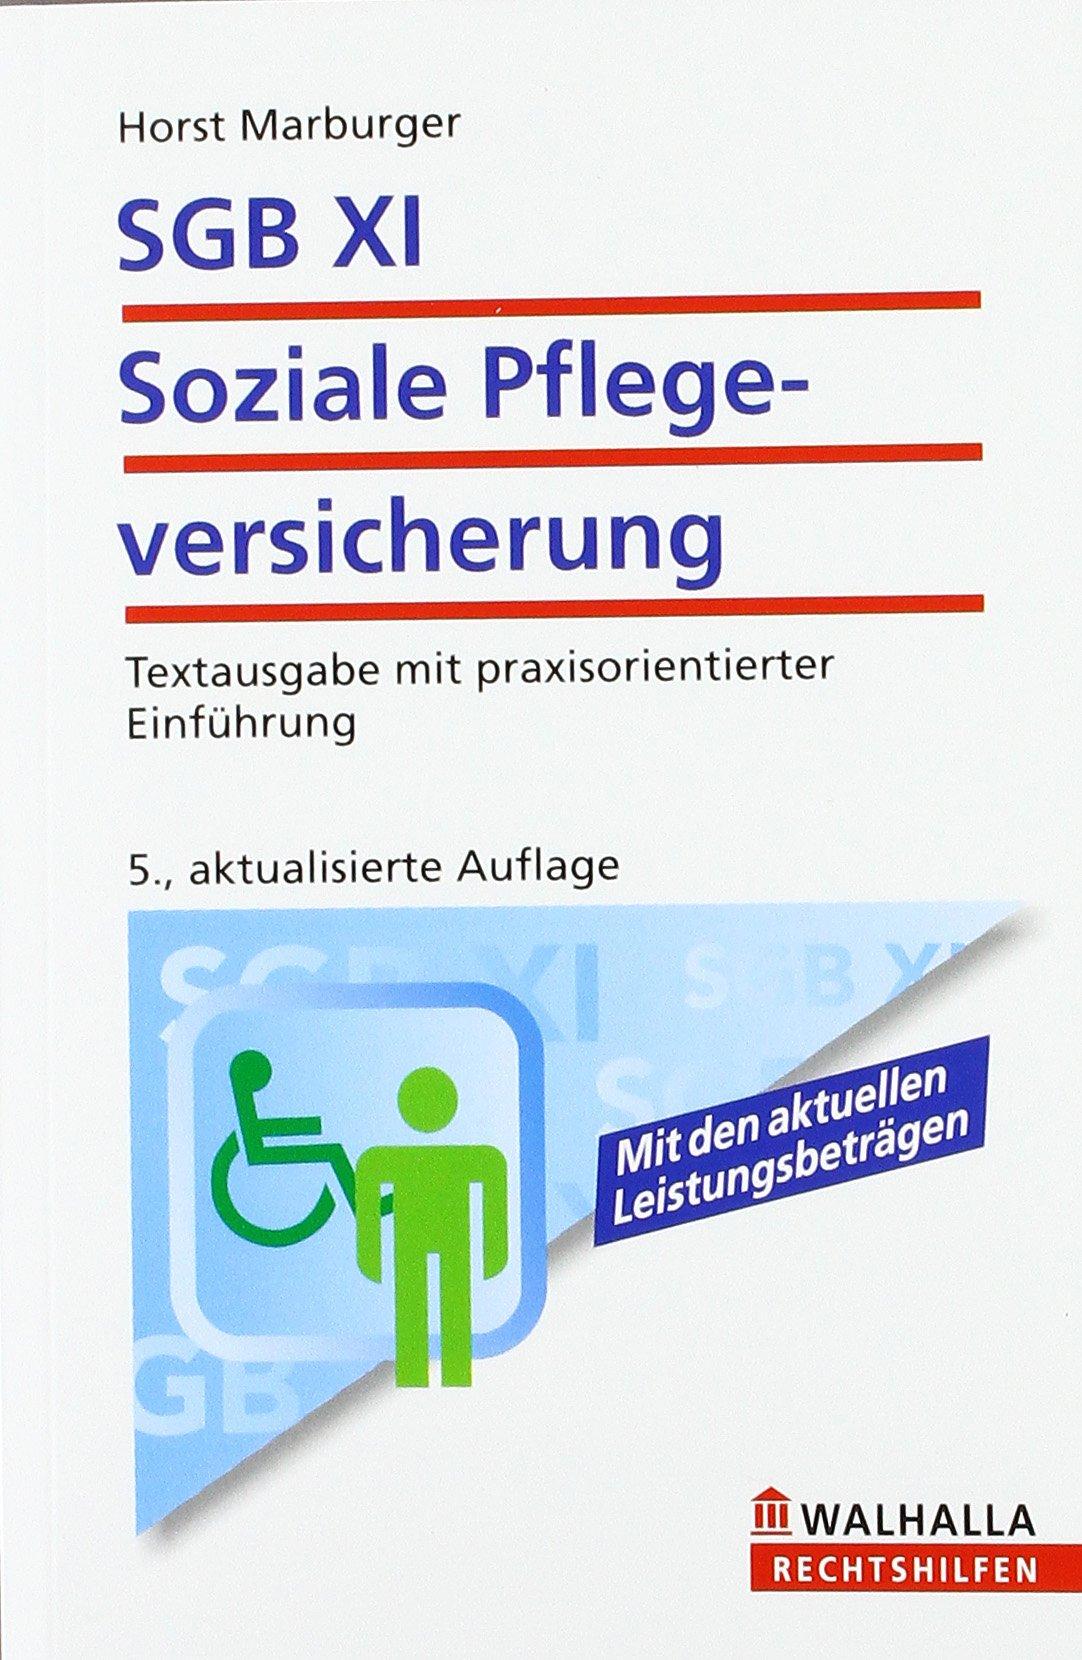 SGB XI - Soziale Pflegeversicherung: Textausgabe mit ausführlicher Kommentierung. Mit den aktuellen Leistungsbeträgen